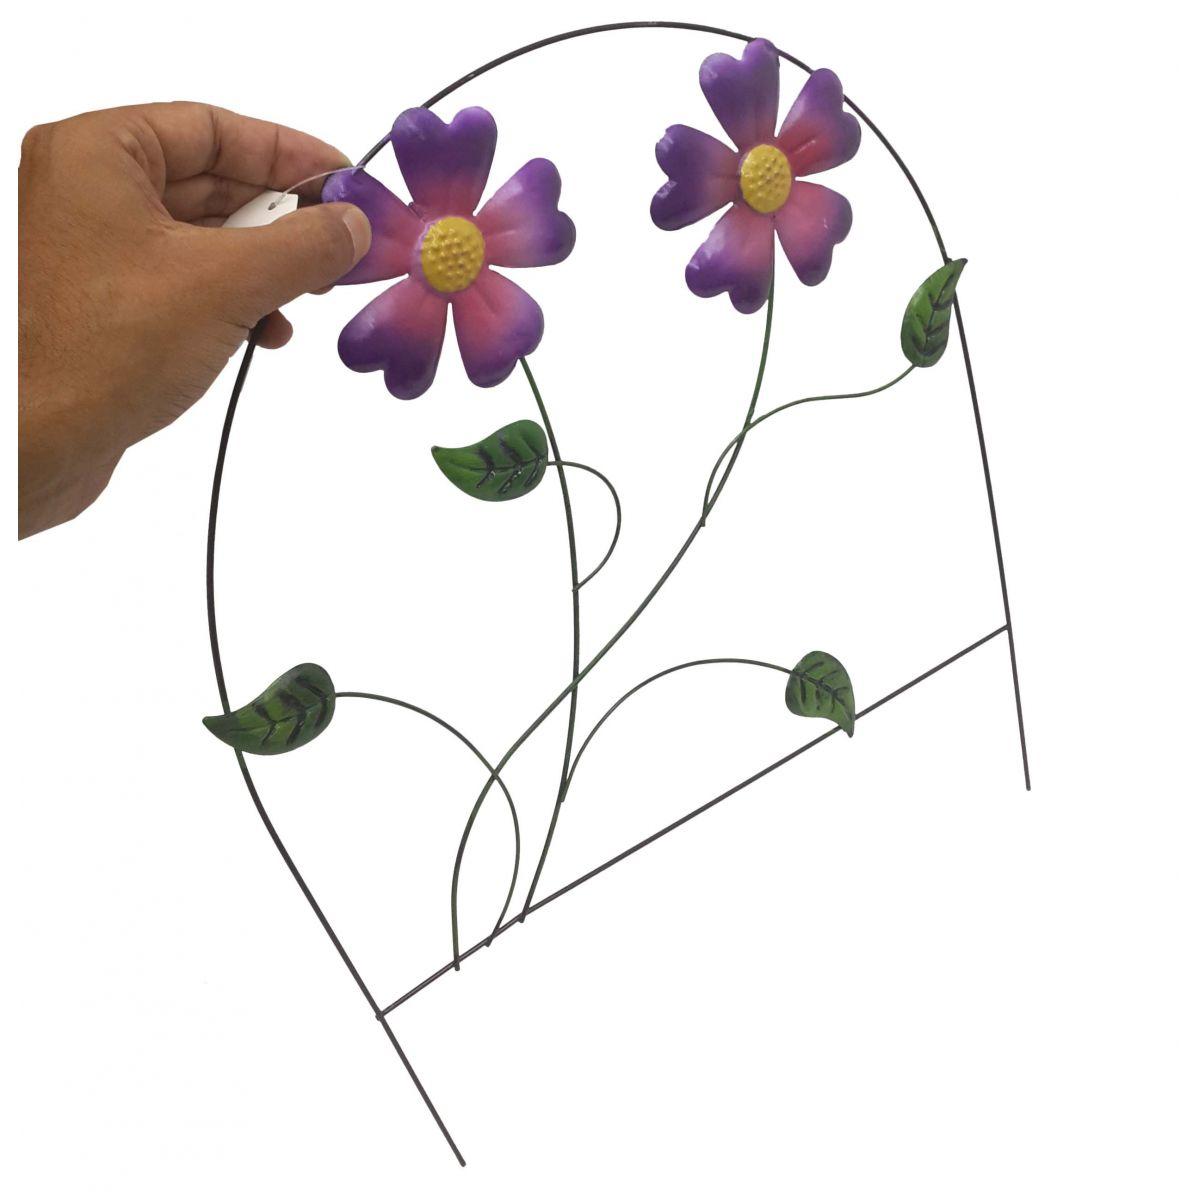 Enfeite Jardim Ferro Grade Casa Varanda Decora Planta Flor Roxa Com 3 (JARD-65)